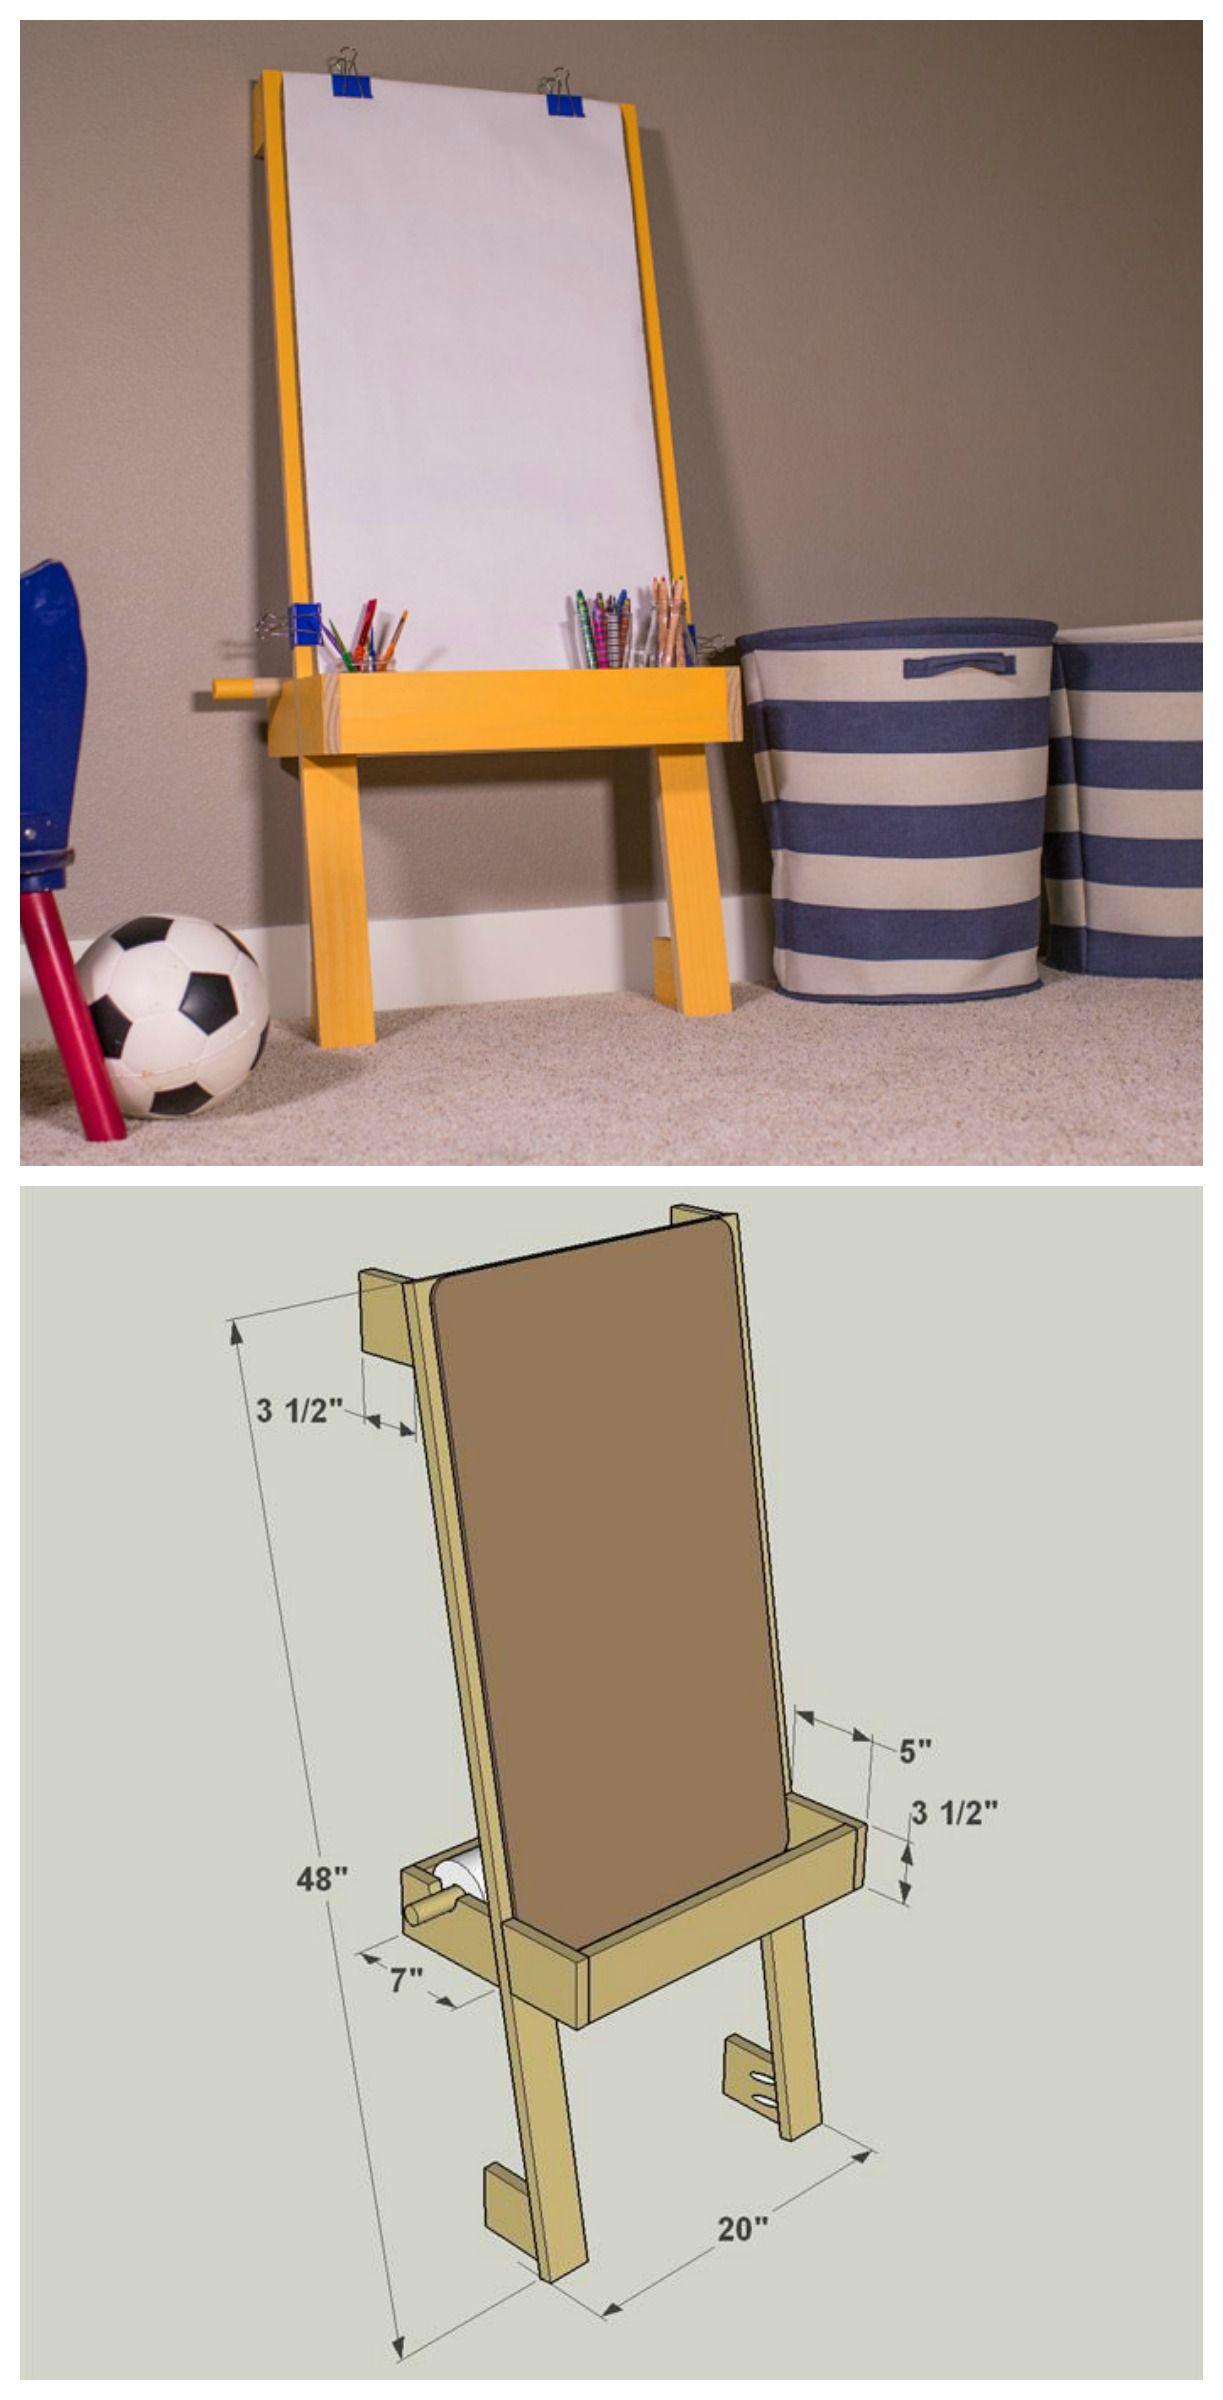 best 25 kids art easel ideas on pinterest diy easel table easel and art easel. Black Bedroom Furniture Sets. Home Design Ideas